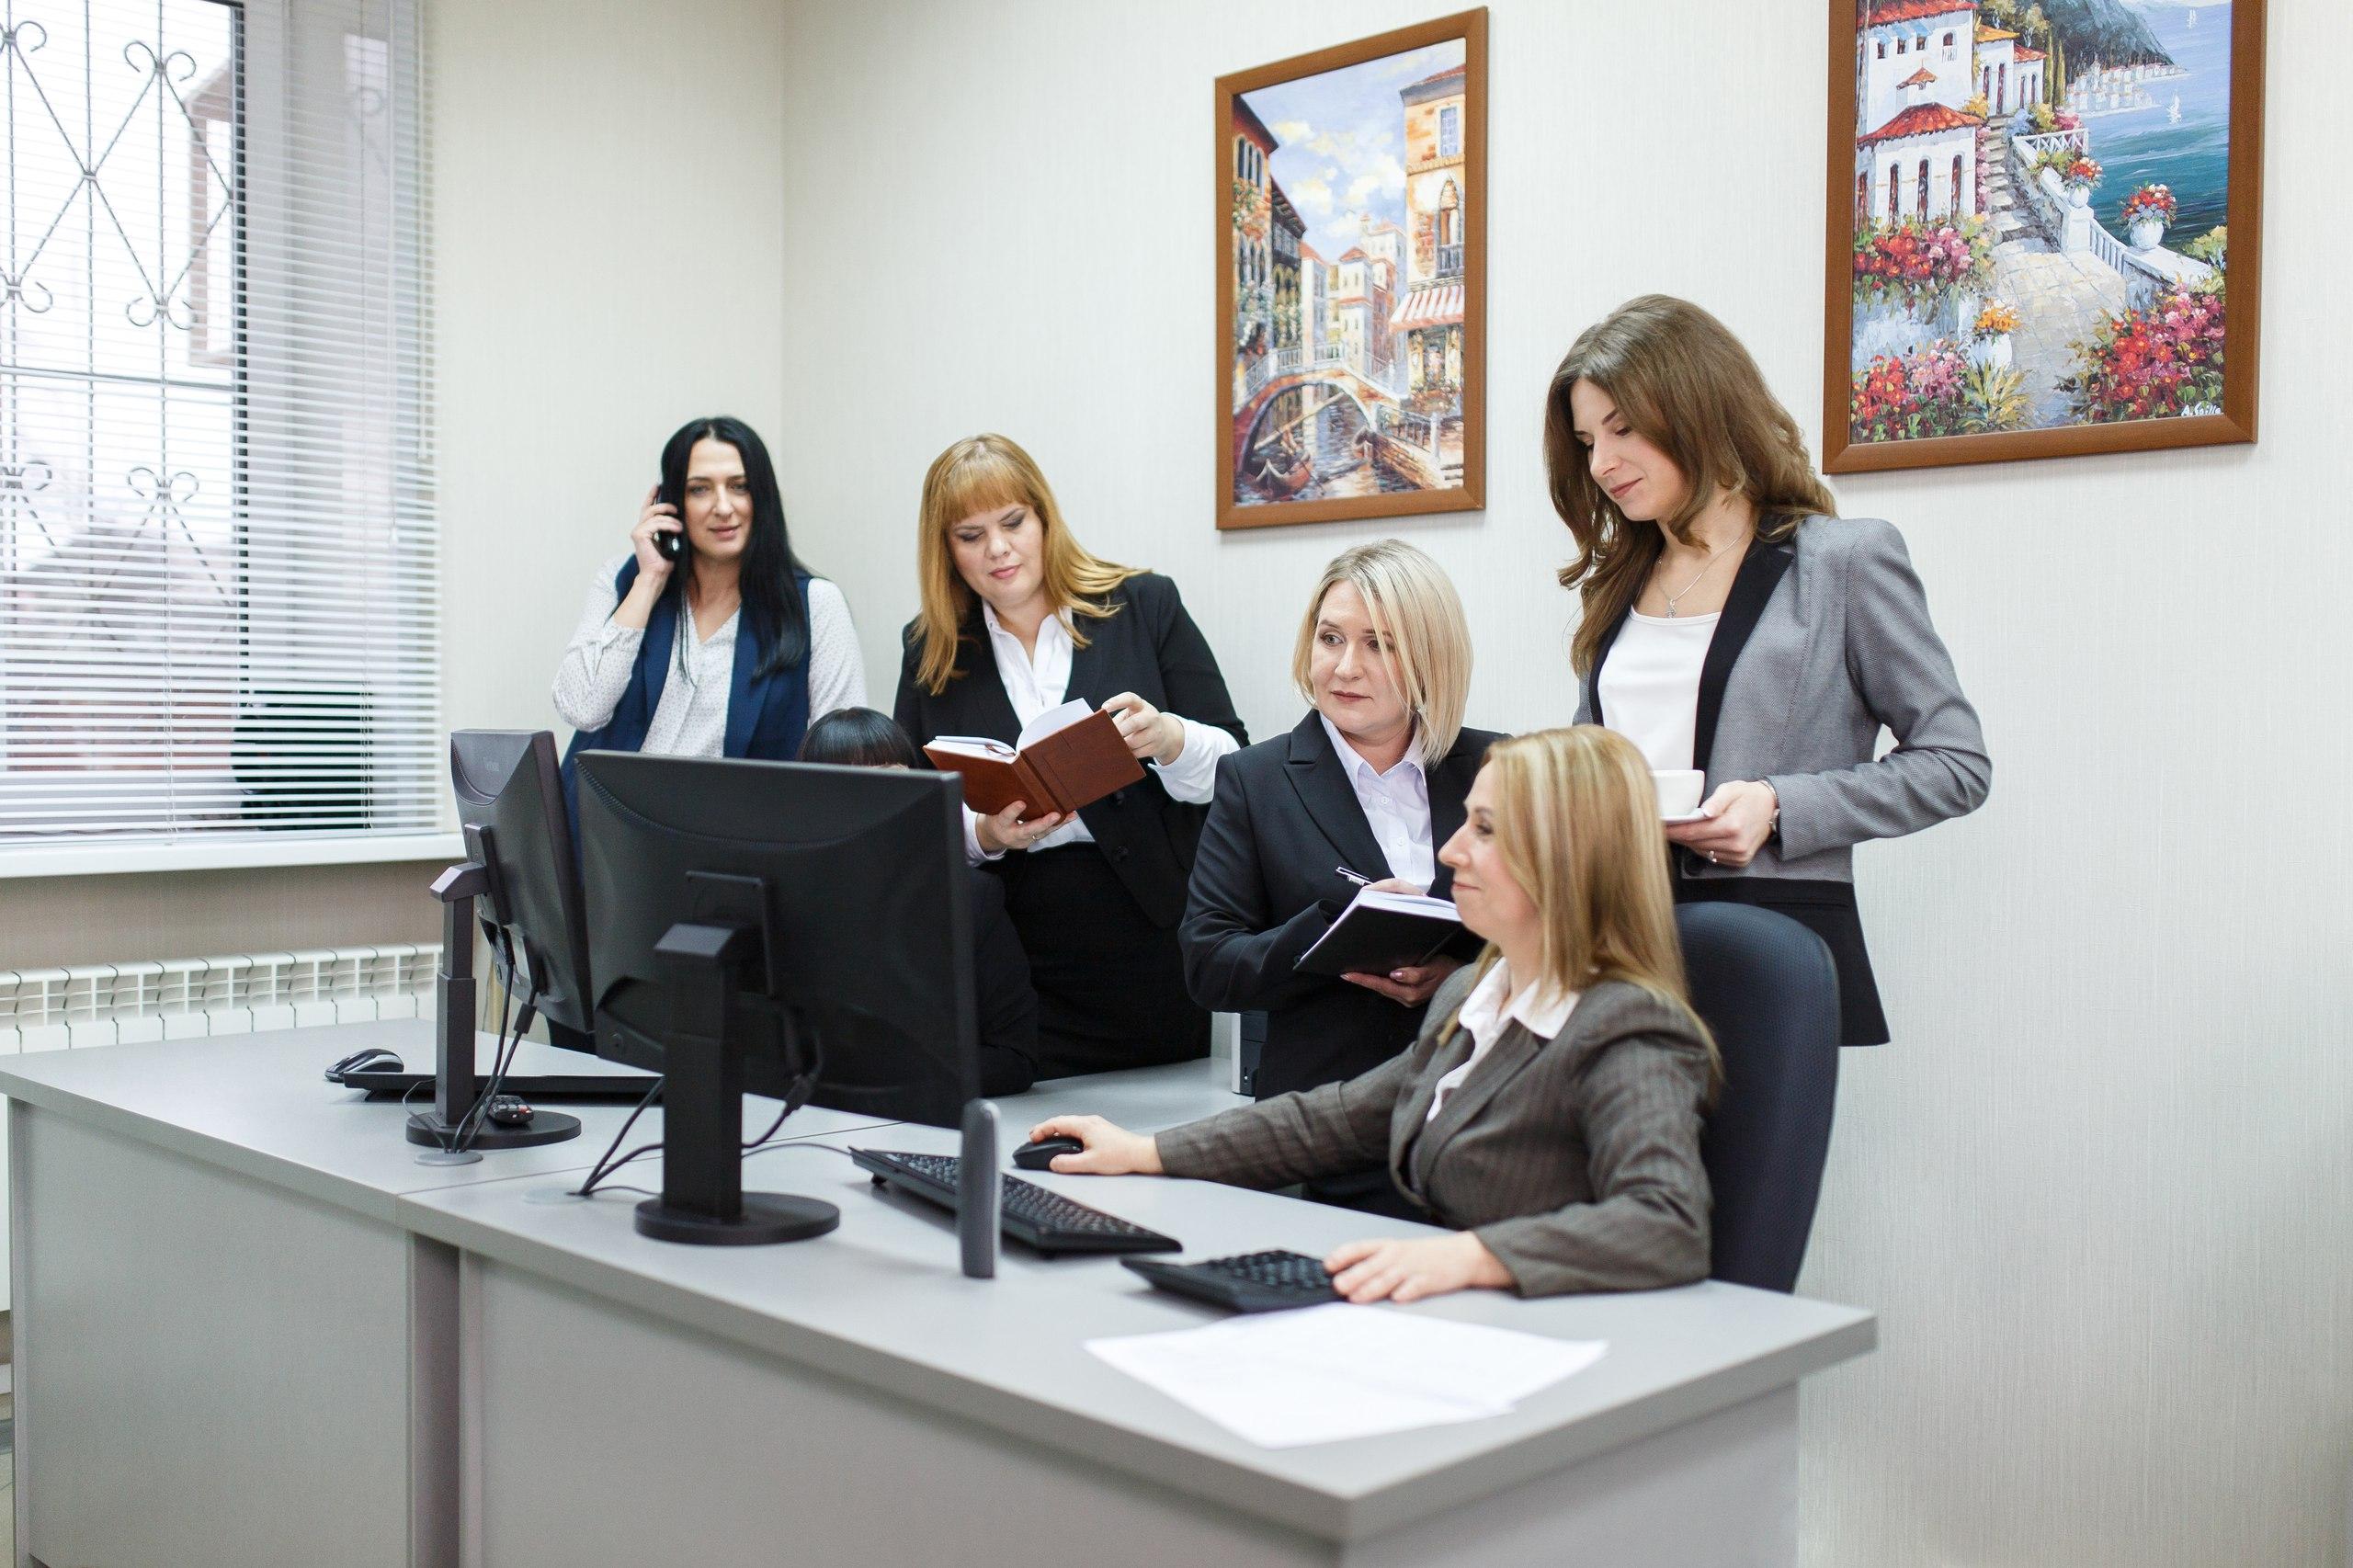 Услуги бухгалтера краснодар главный бухгалтер ведение бухгалтерского учета в организации несет